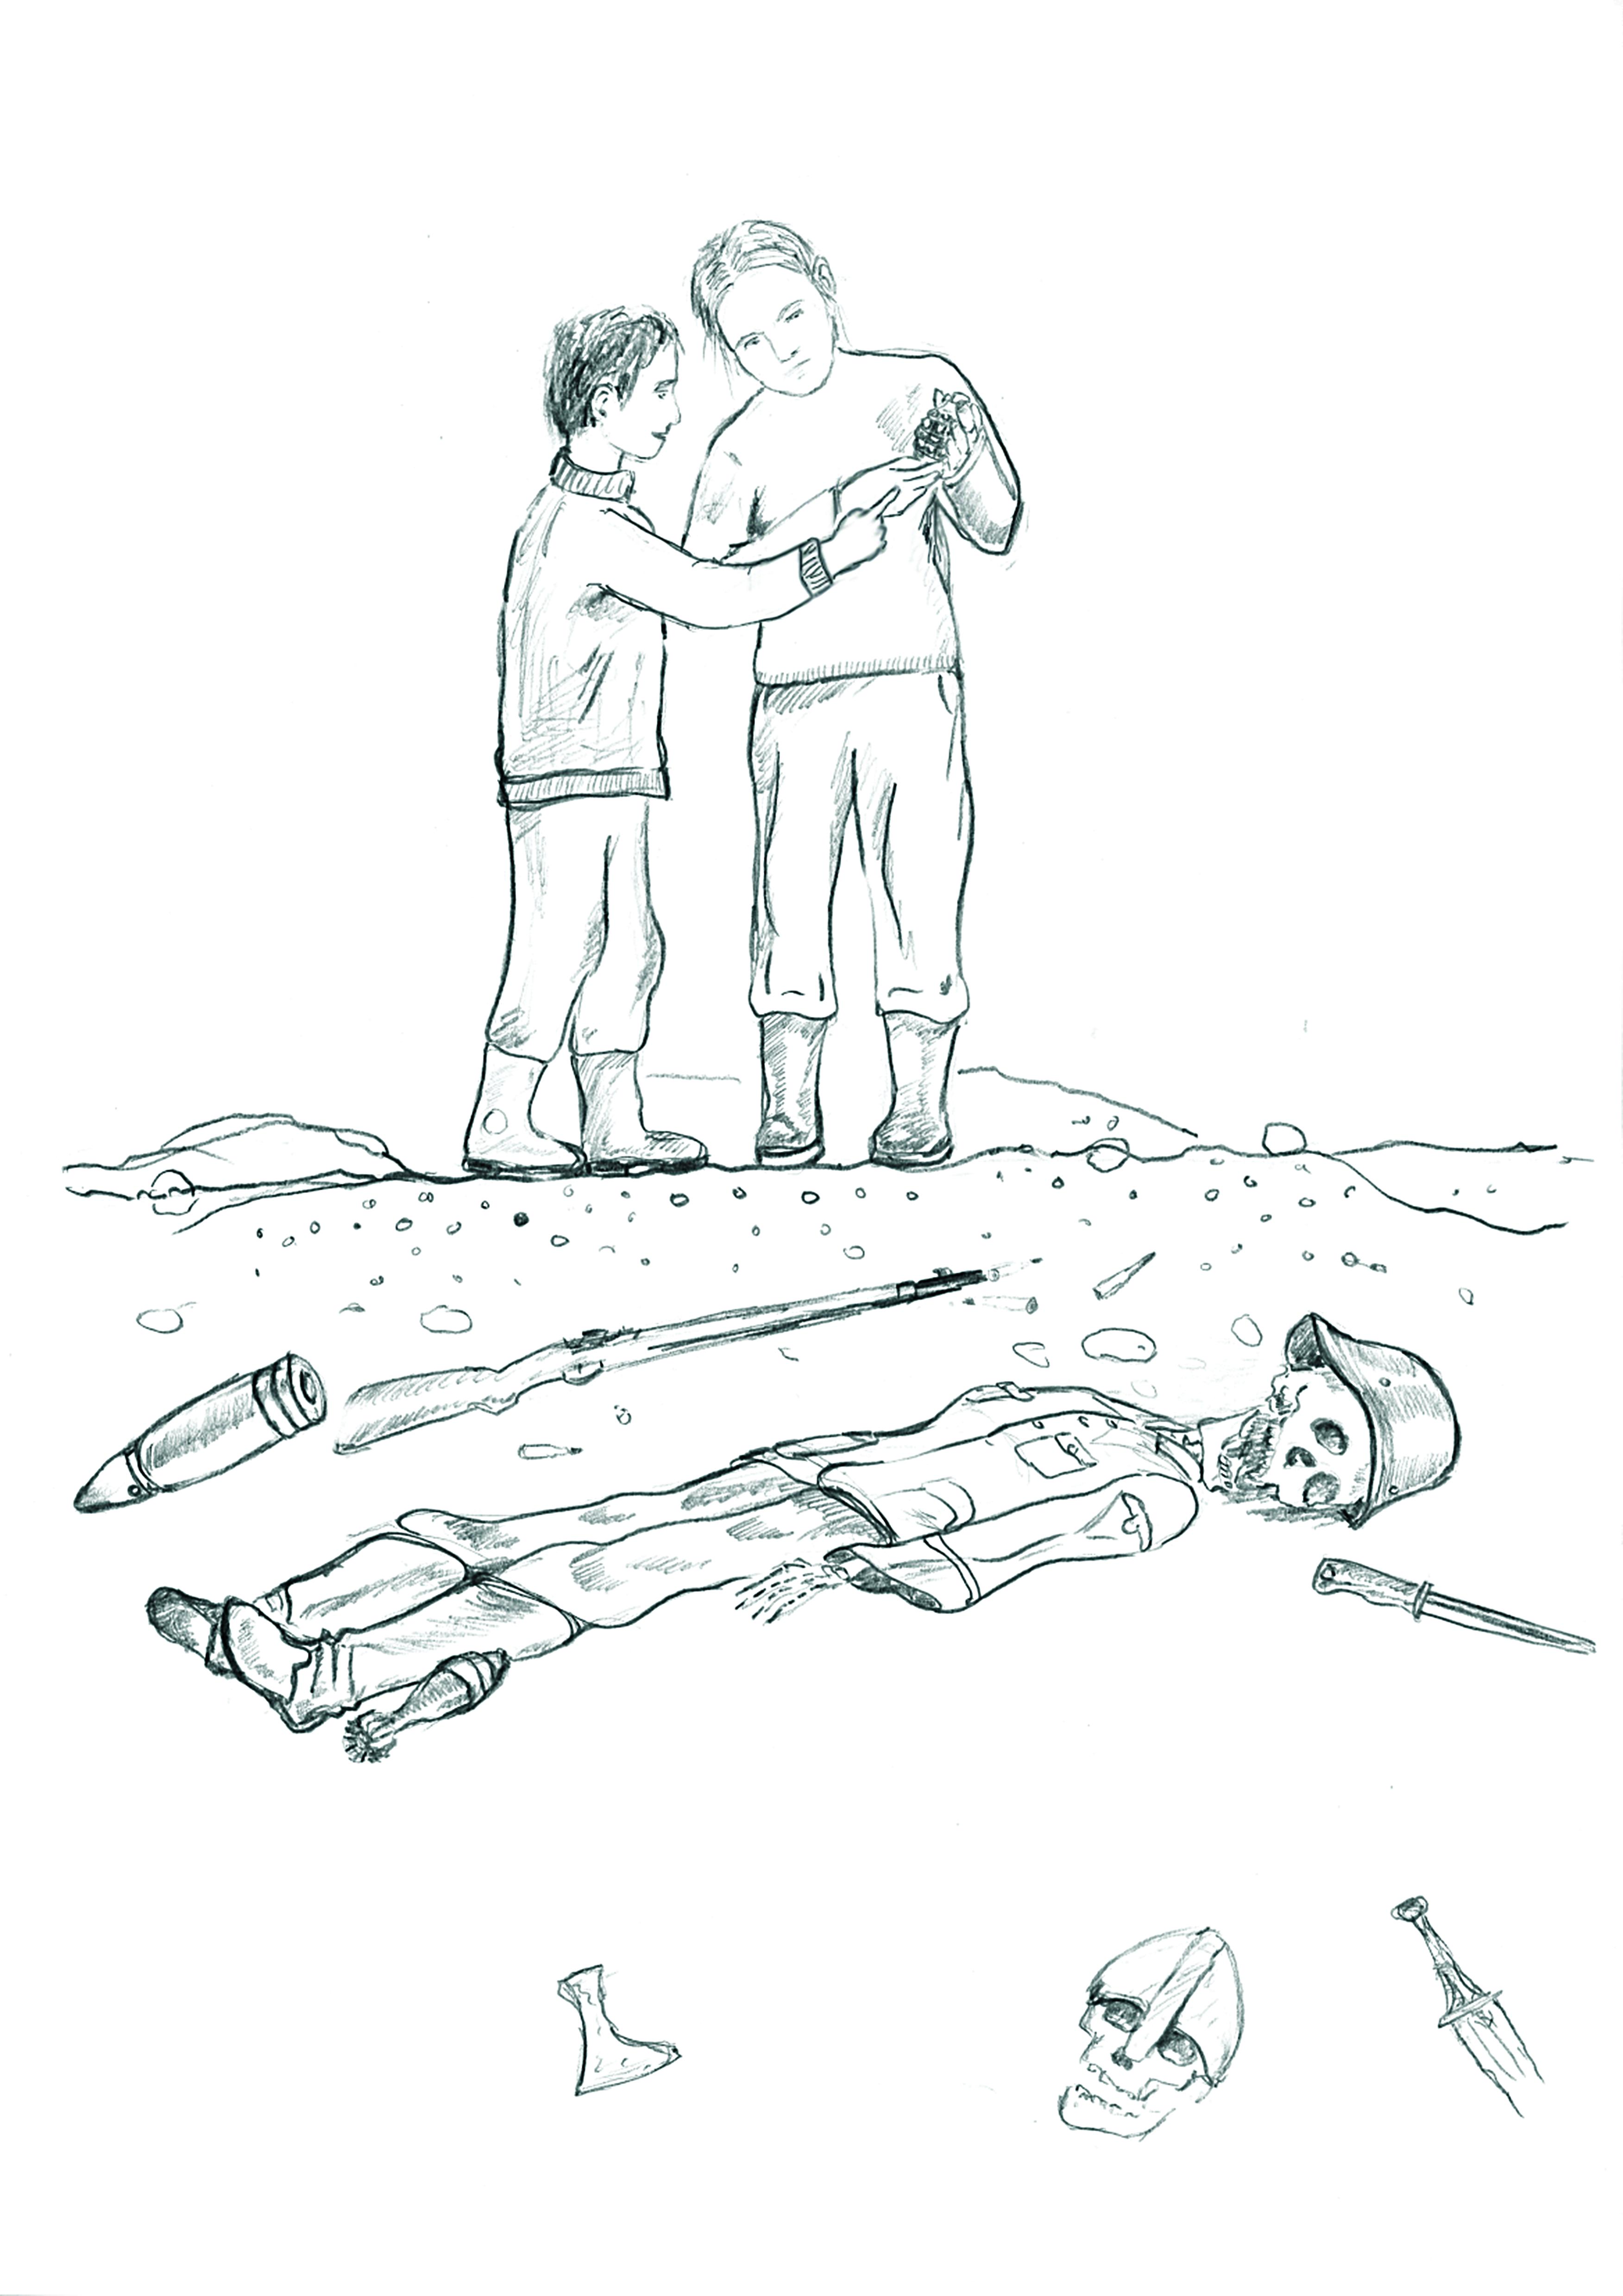 Väljakaevamised Ansekülas, hukkunud punaarmeelased maetakse ümber.